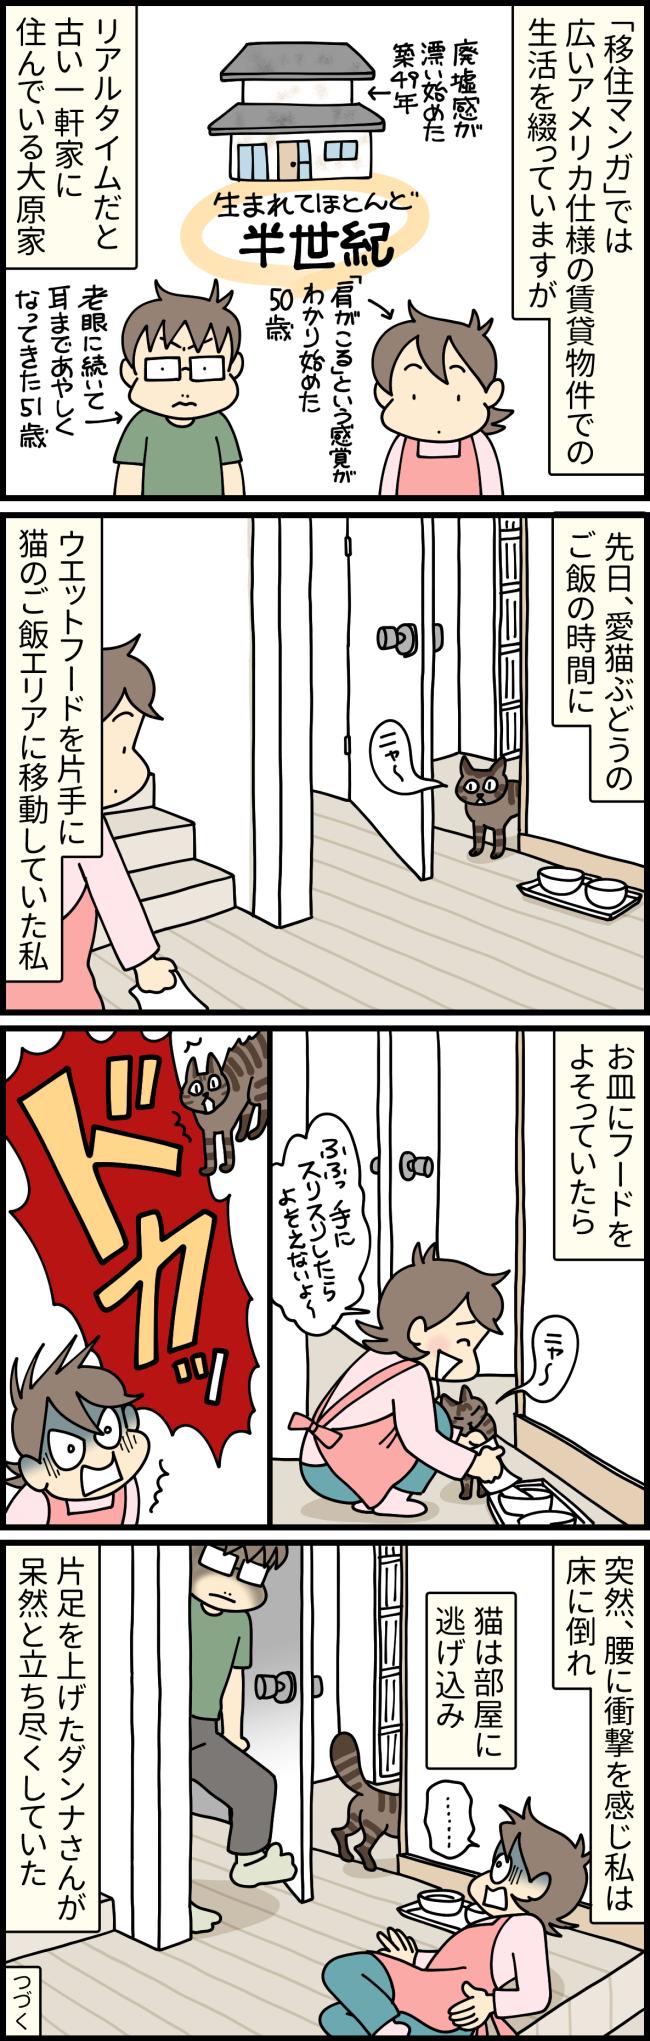 猫のぶどうに餌をあげようと廊下にしゃがんでいたら突然ダンナさんから腰を蹴られた格好の大原由軌子